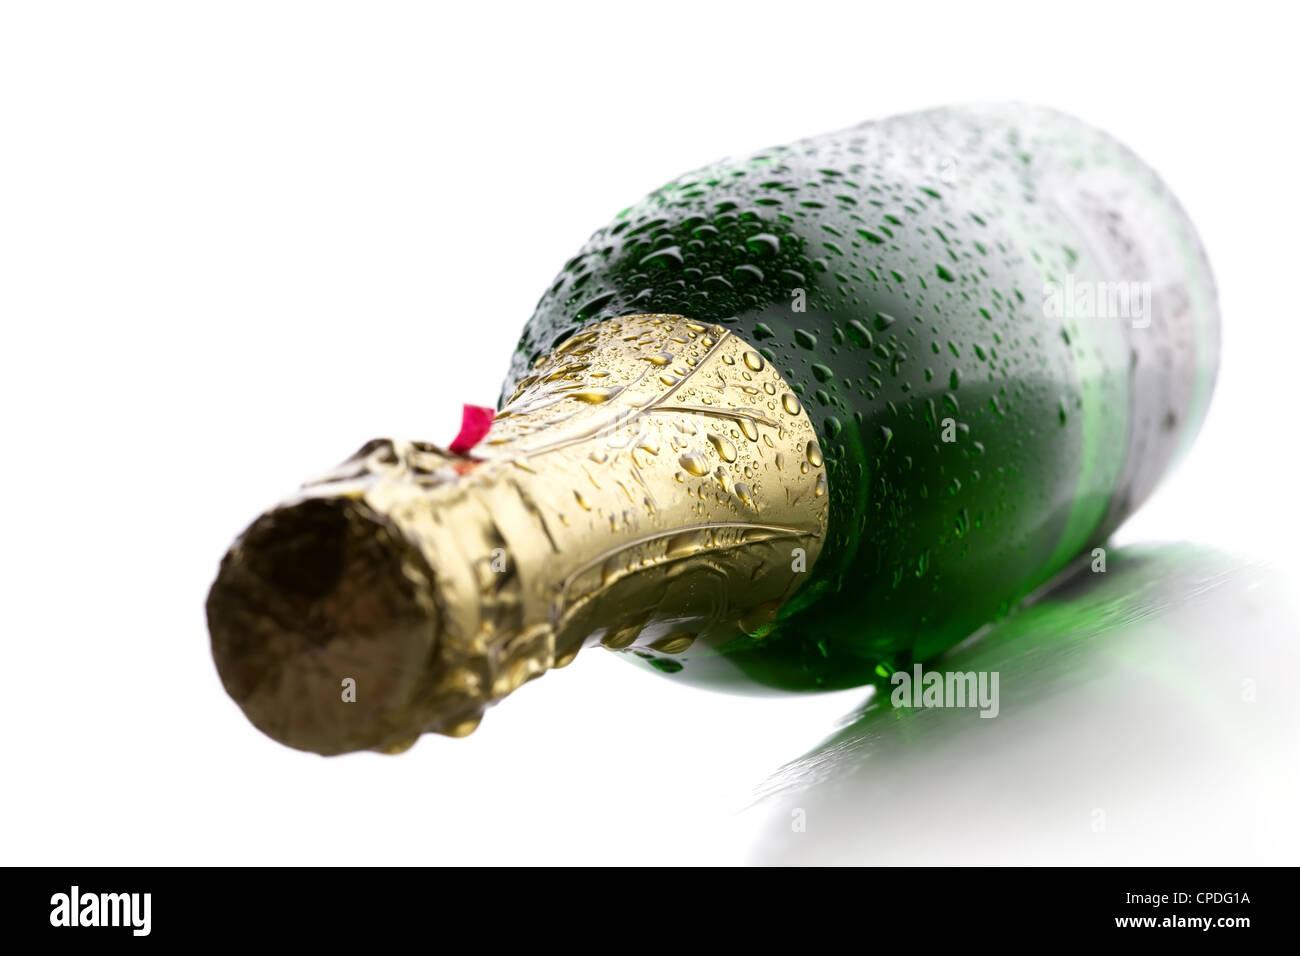 Botella de champaña fría y mojada vino sobre fondo blanco. Imagen De Stock